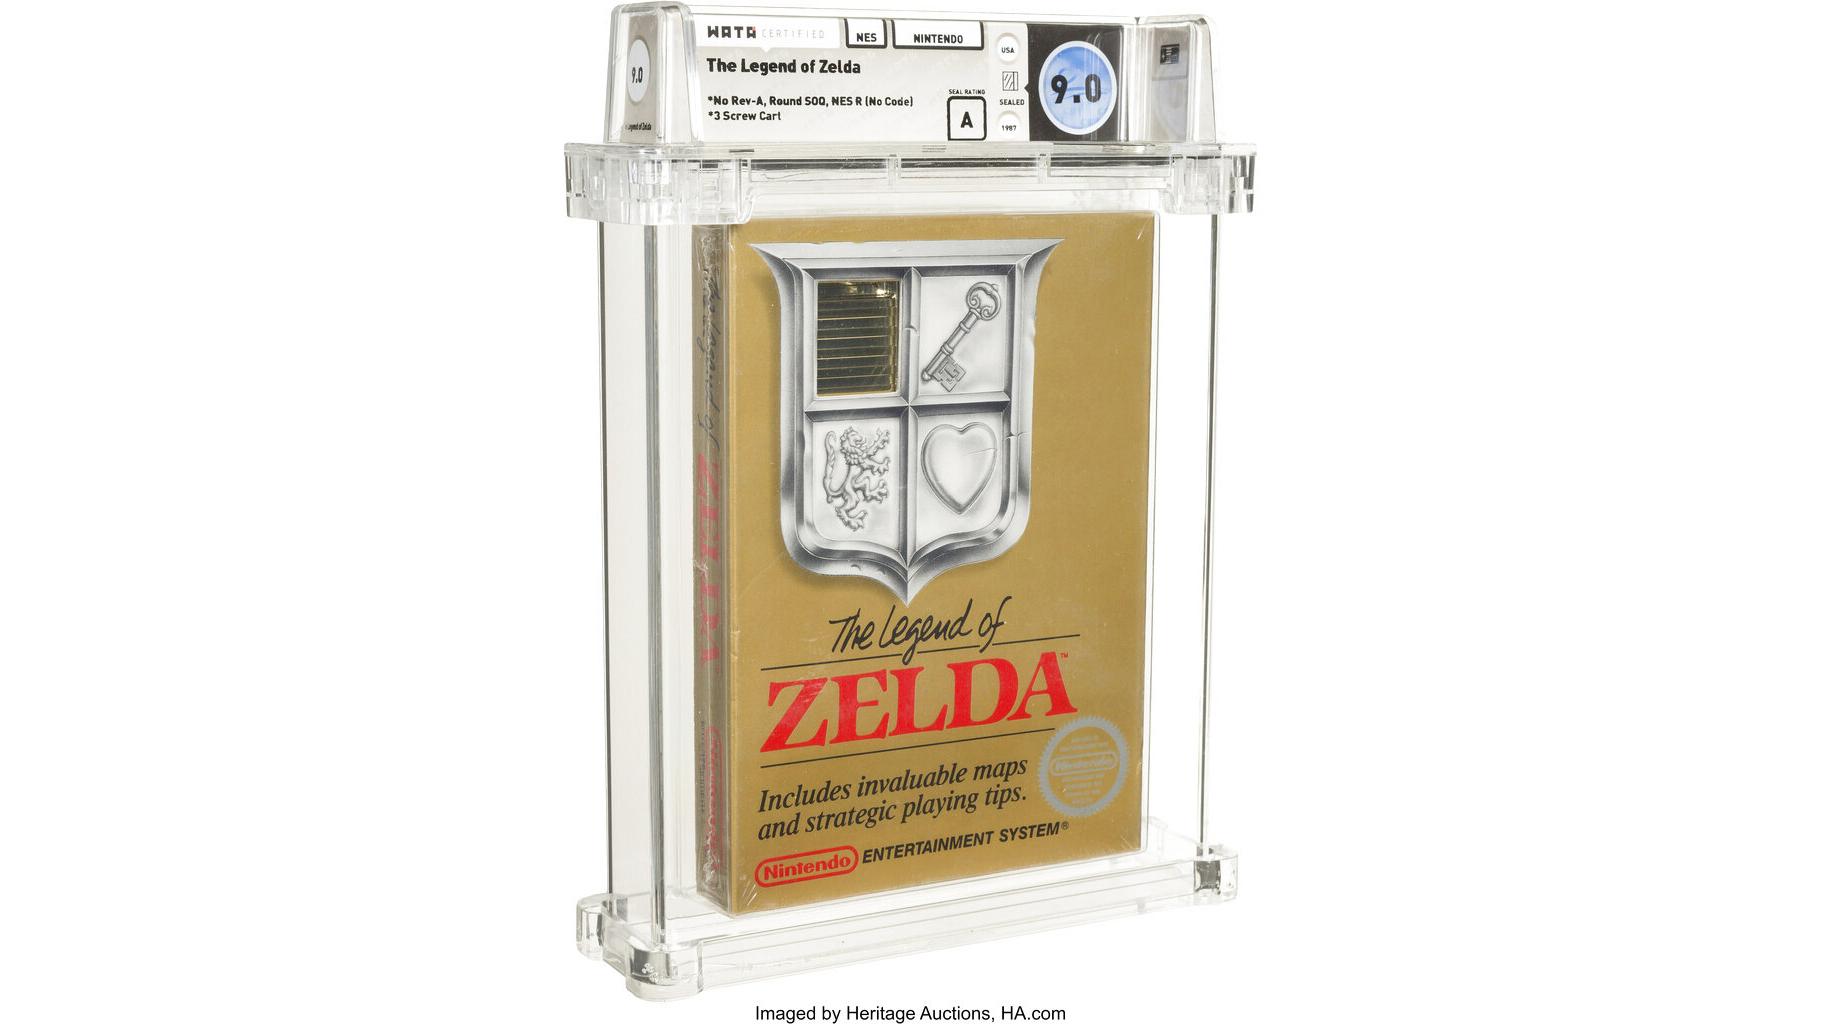 Zelda heritage Auctions